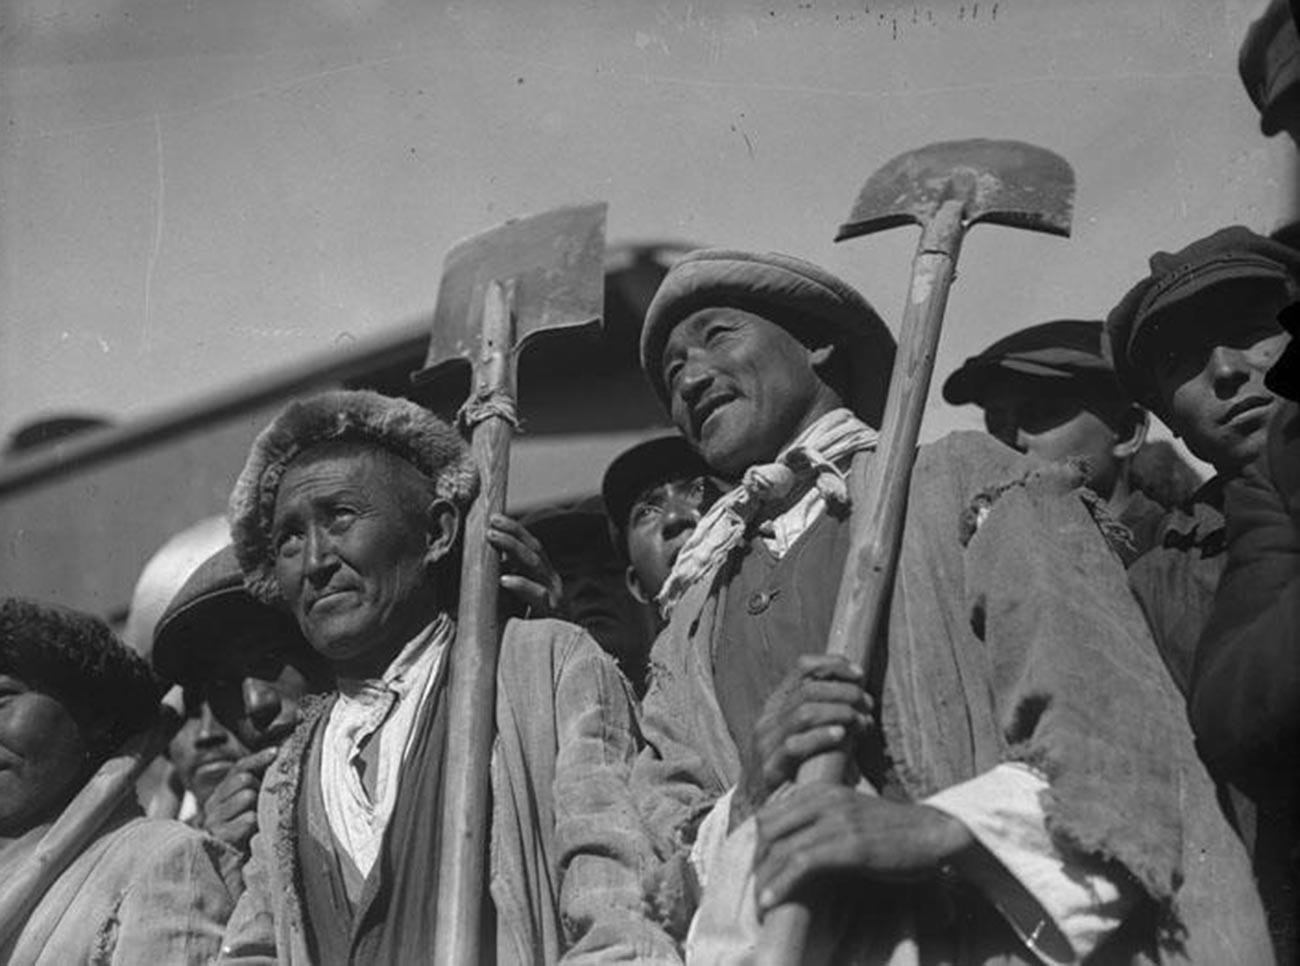 スターリンの最初の五ヶ年計画の主要なインフラ・プロジェクトの一つ、トルキスタン・シベリア鉄道を建設するカザフスタン人。この鉄道はシベリアとカザフスタン、キルギスをつないだ。1930年